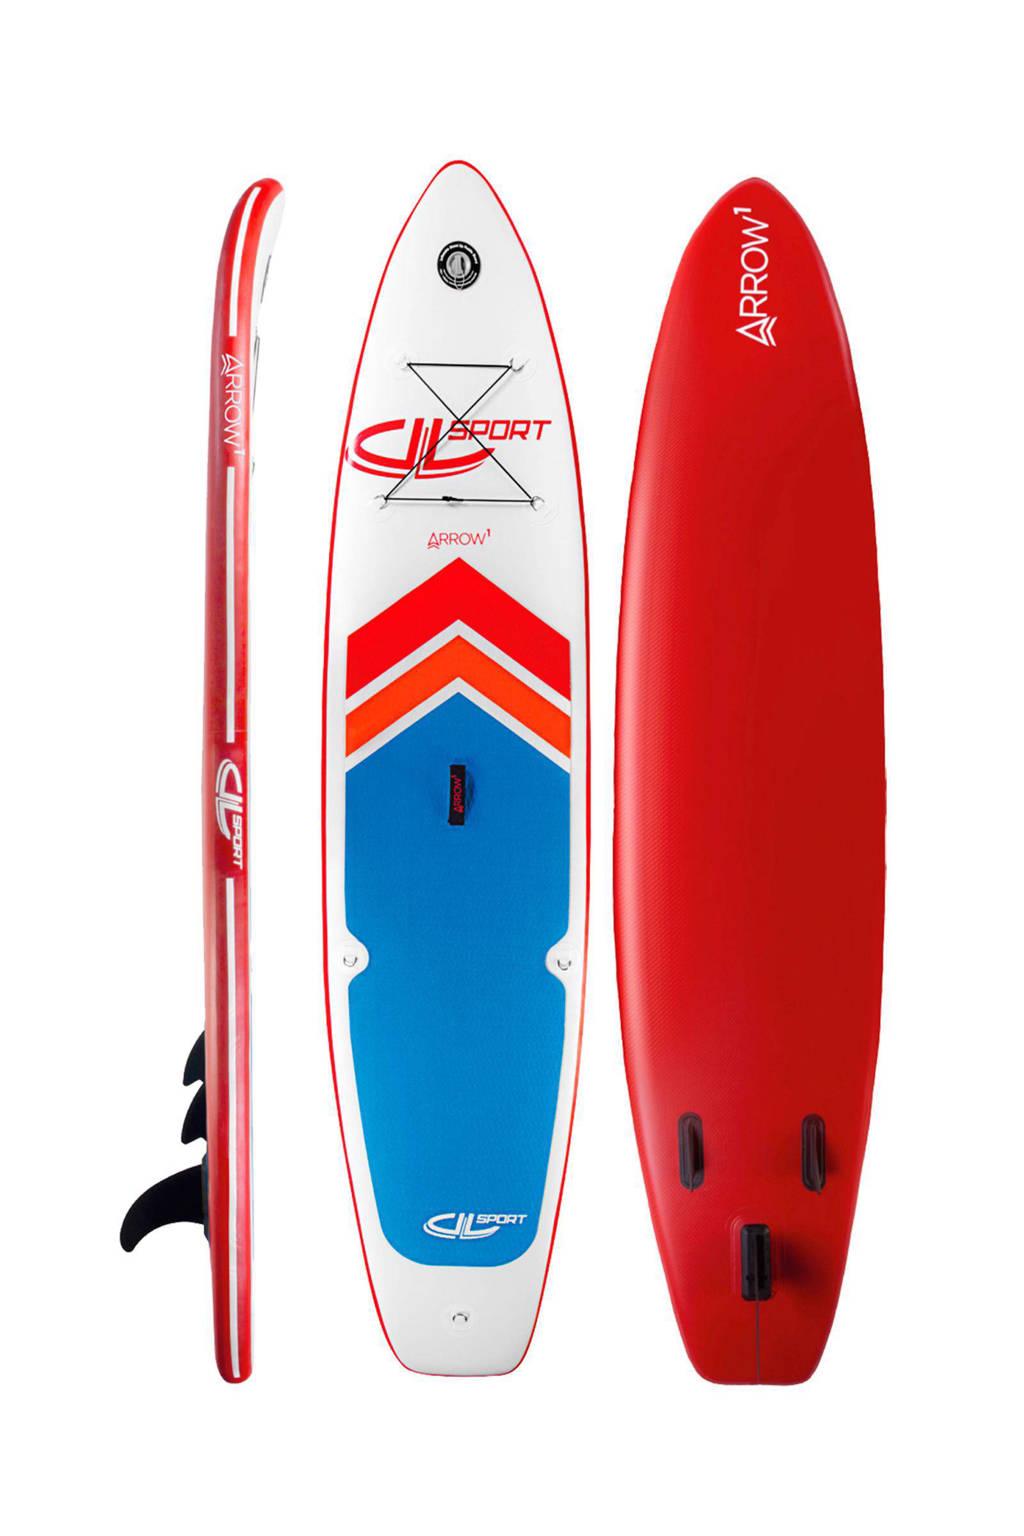 Arrow Arrow SUP board